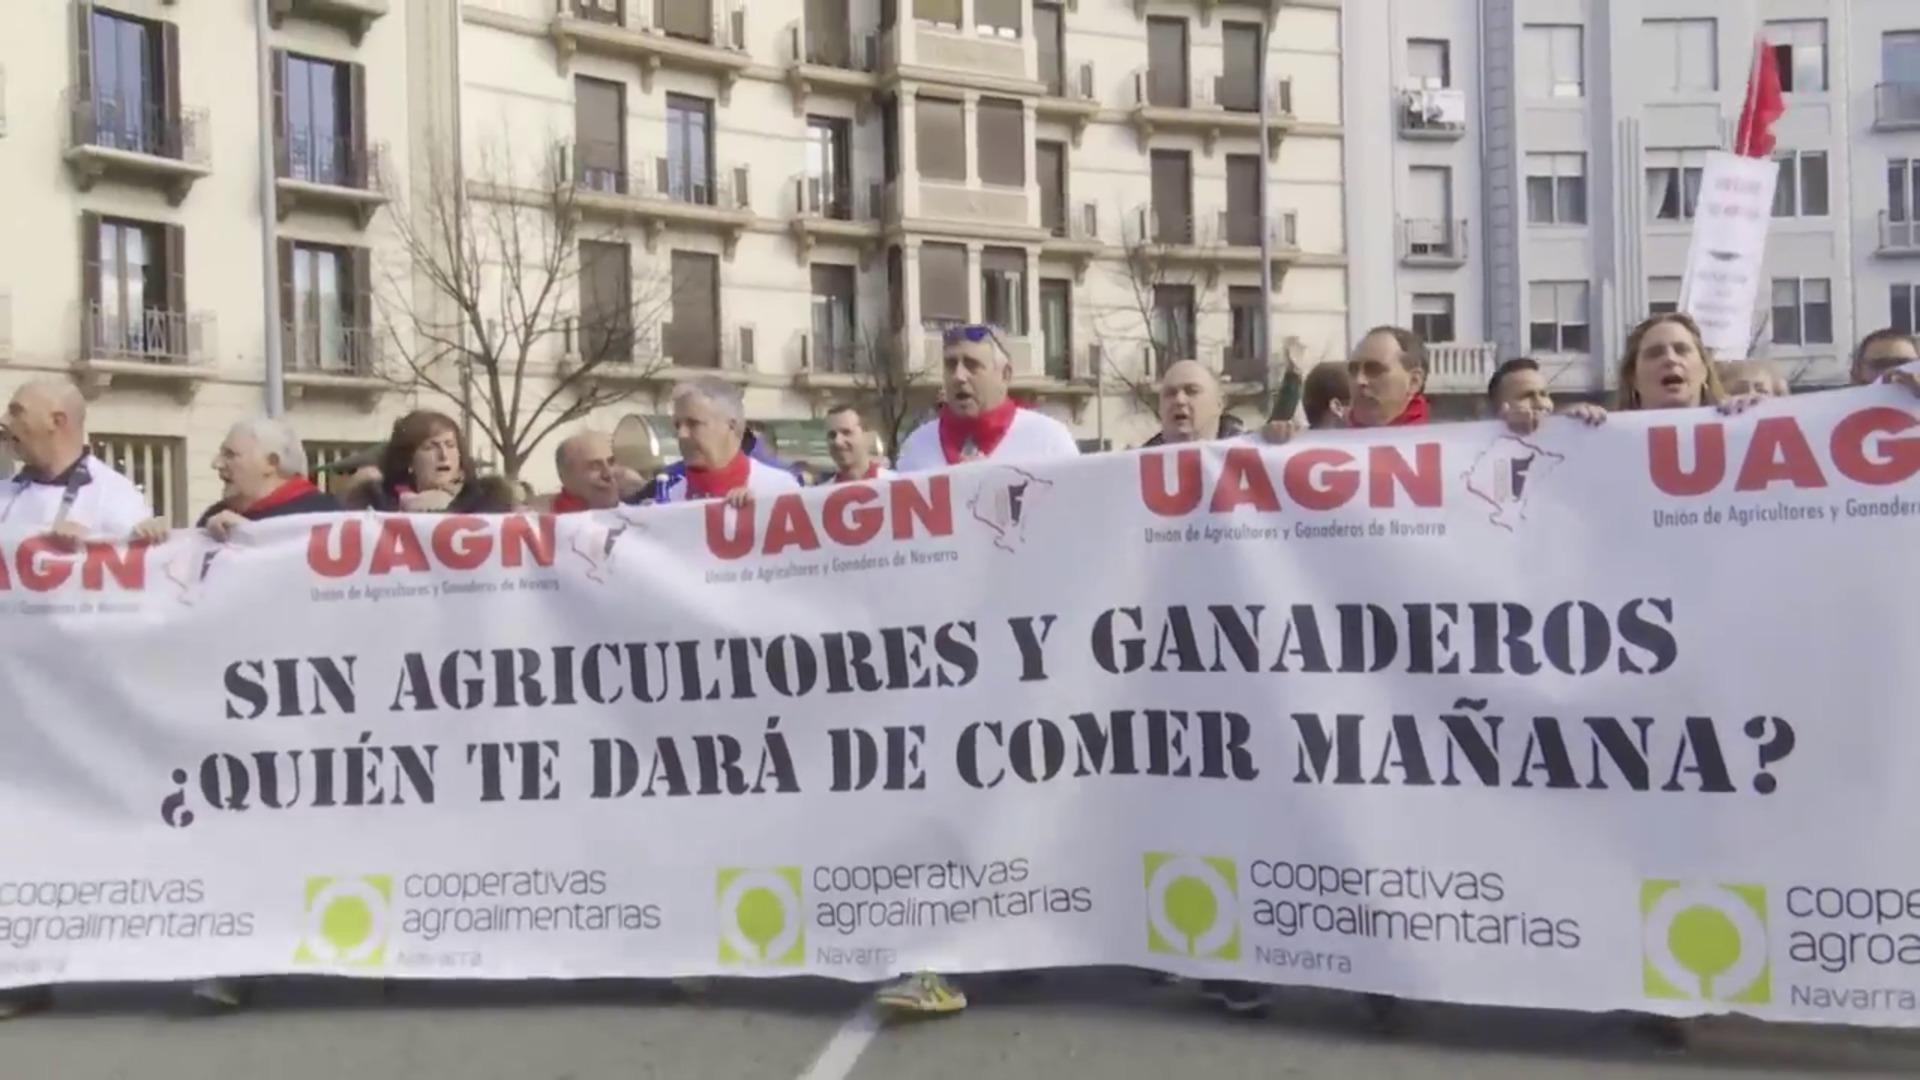 Agricultores y ganaderos se manifiestan en Pamplona y Granada